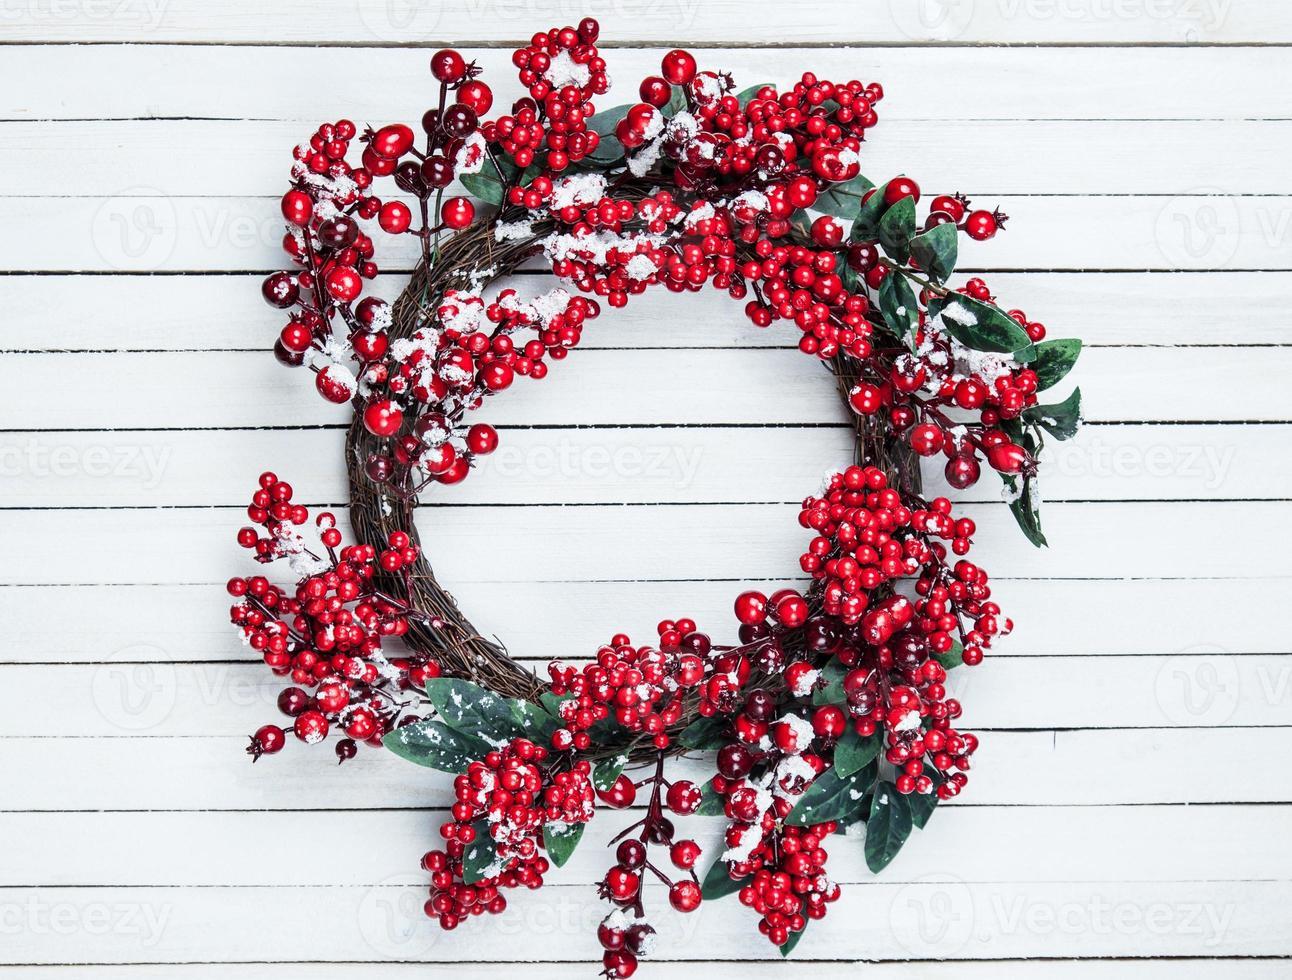 Weihnachtskranz auf einem hölzernen Hintergrund foto